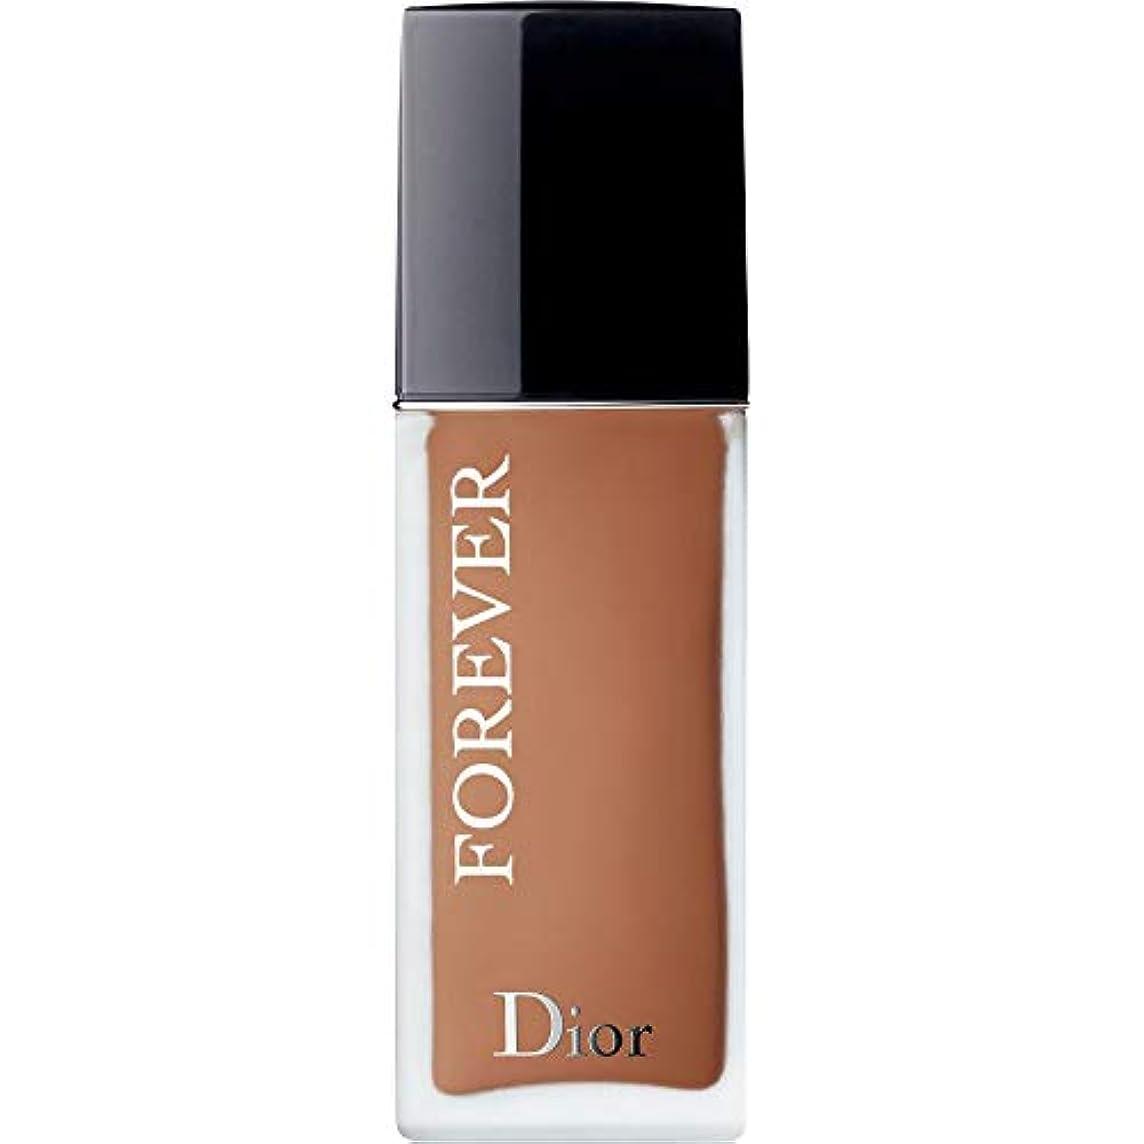 アイザック名誉印をつける[Dior ] ディオール永遠皮膚思いやりの基盤Spf35 30ミリリットルの5N - ニュートラル(つや消し) - DIOR Forever Skin-Caring Foundation SPF35 30ml 5N -...